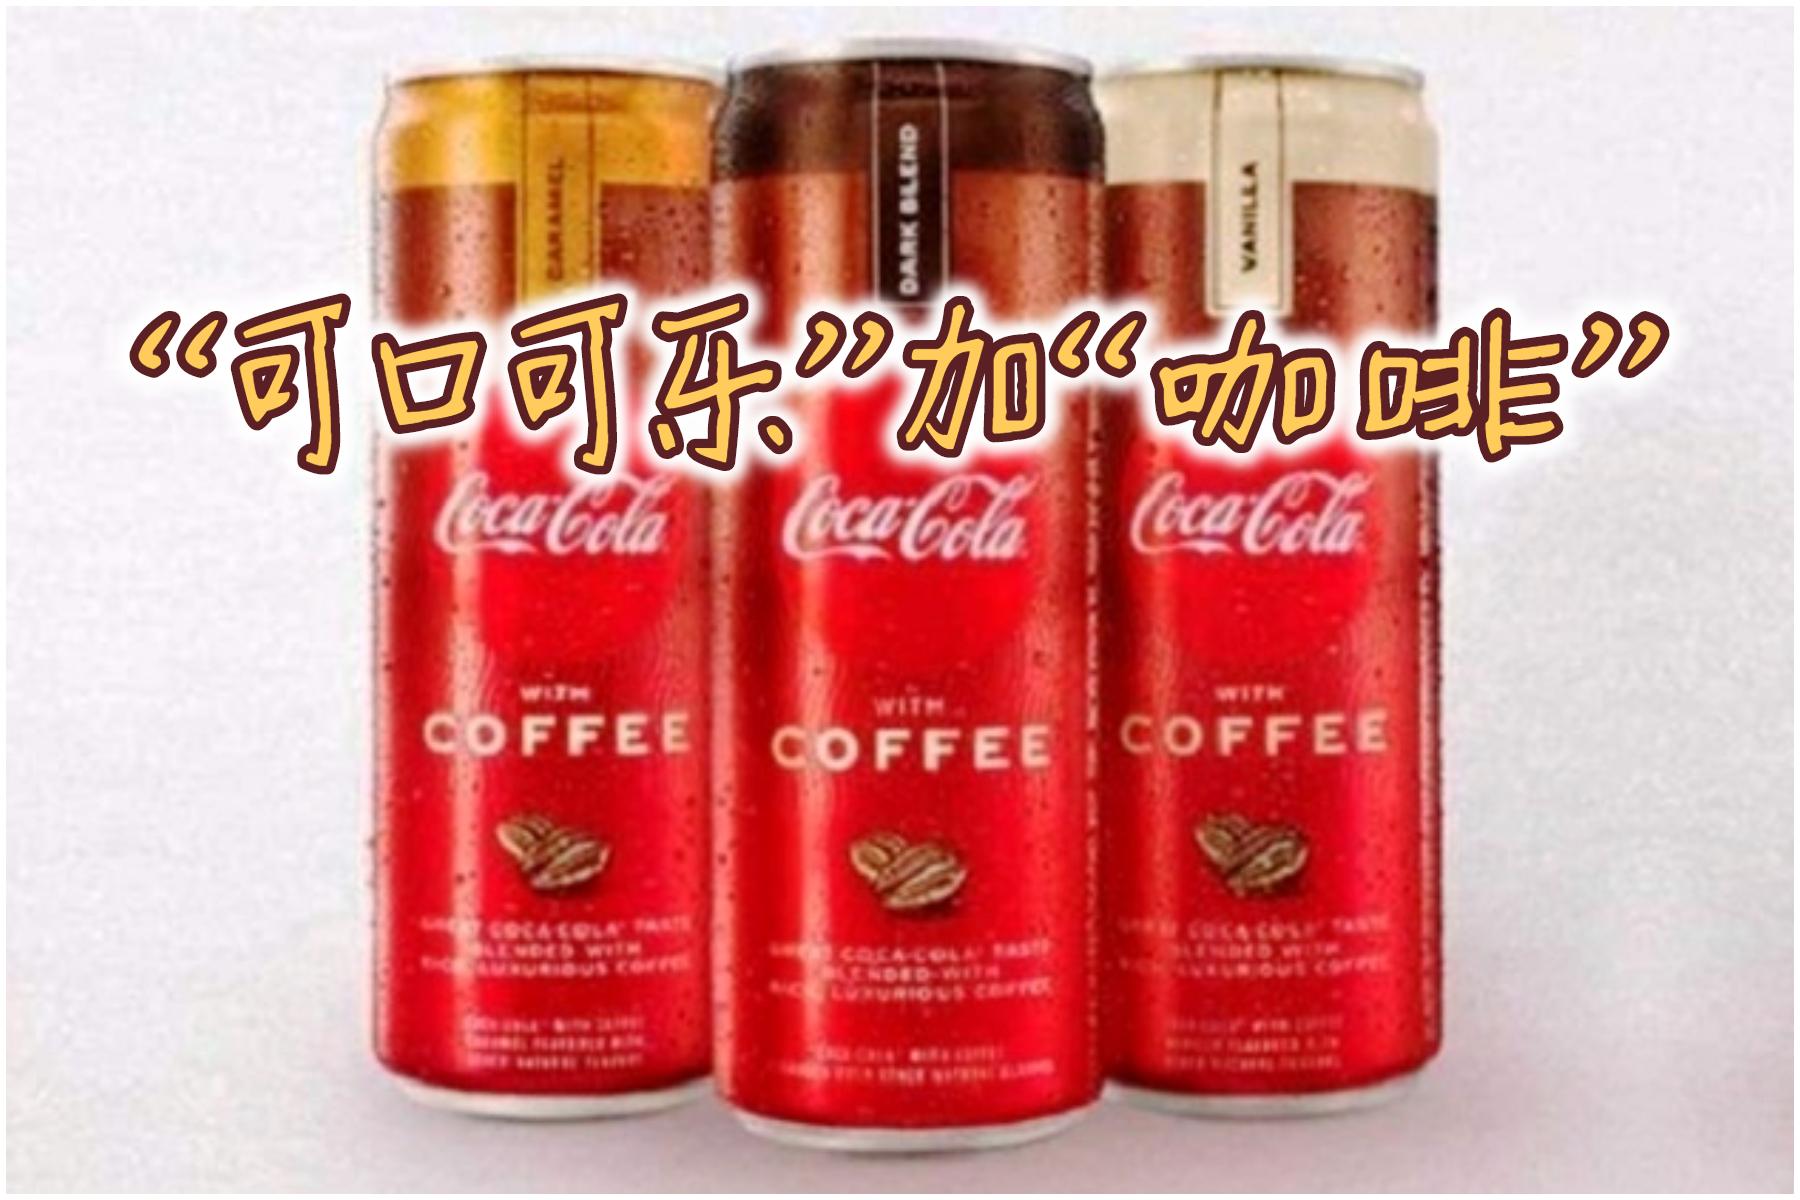 """预计明年1月在美国上架的""""可乐咖啡"""",会有黑咖啡、焦糖和香草三种口味。-路透社/精彩大马制图-"""